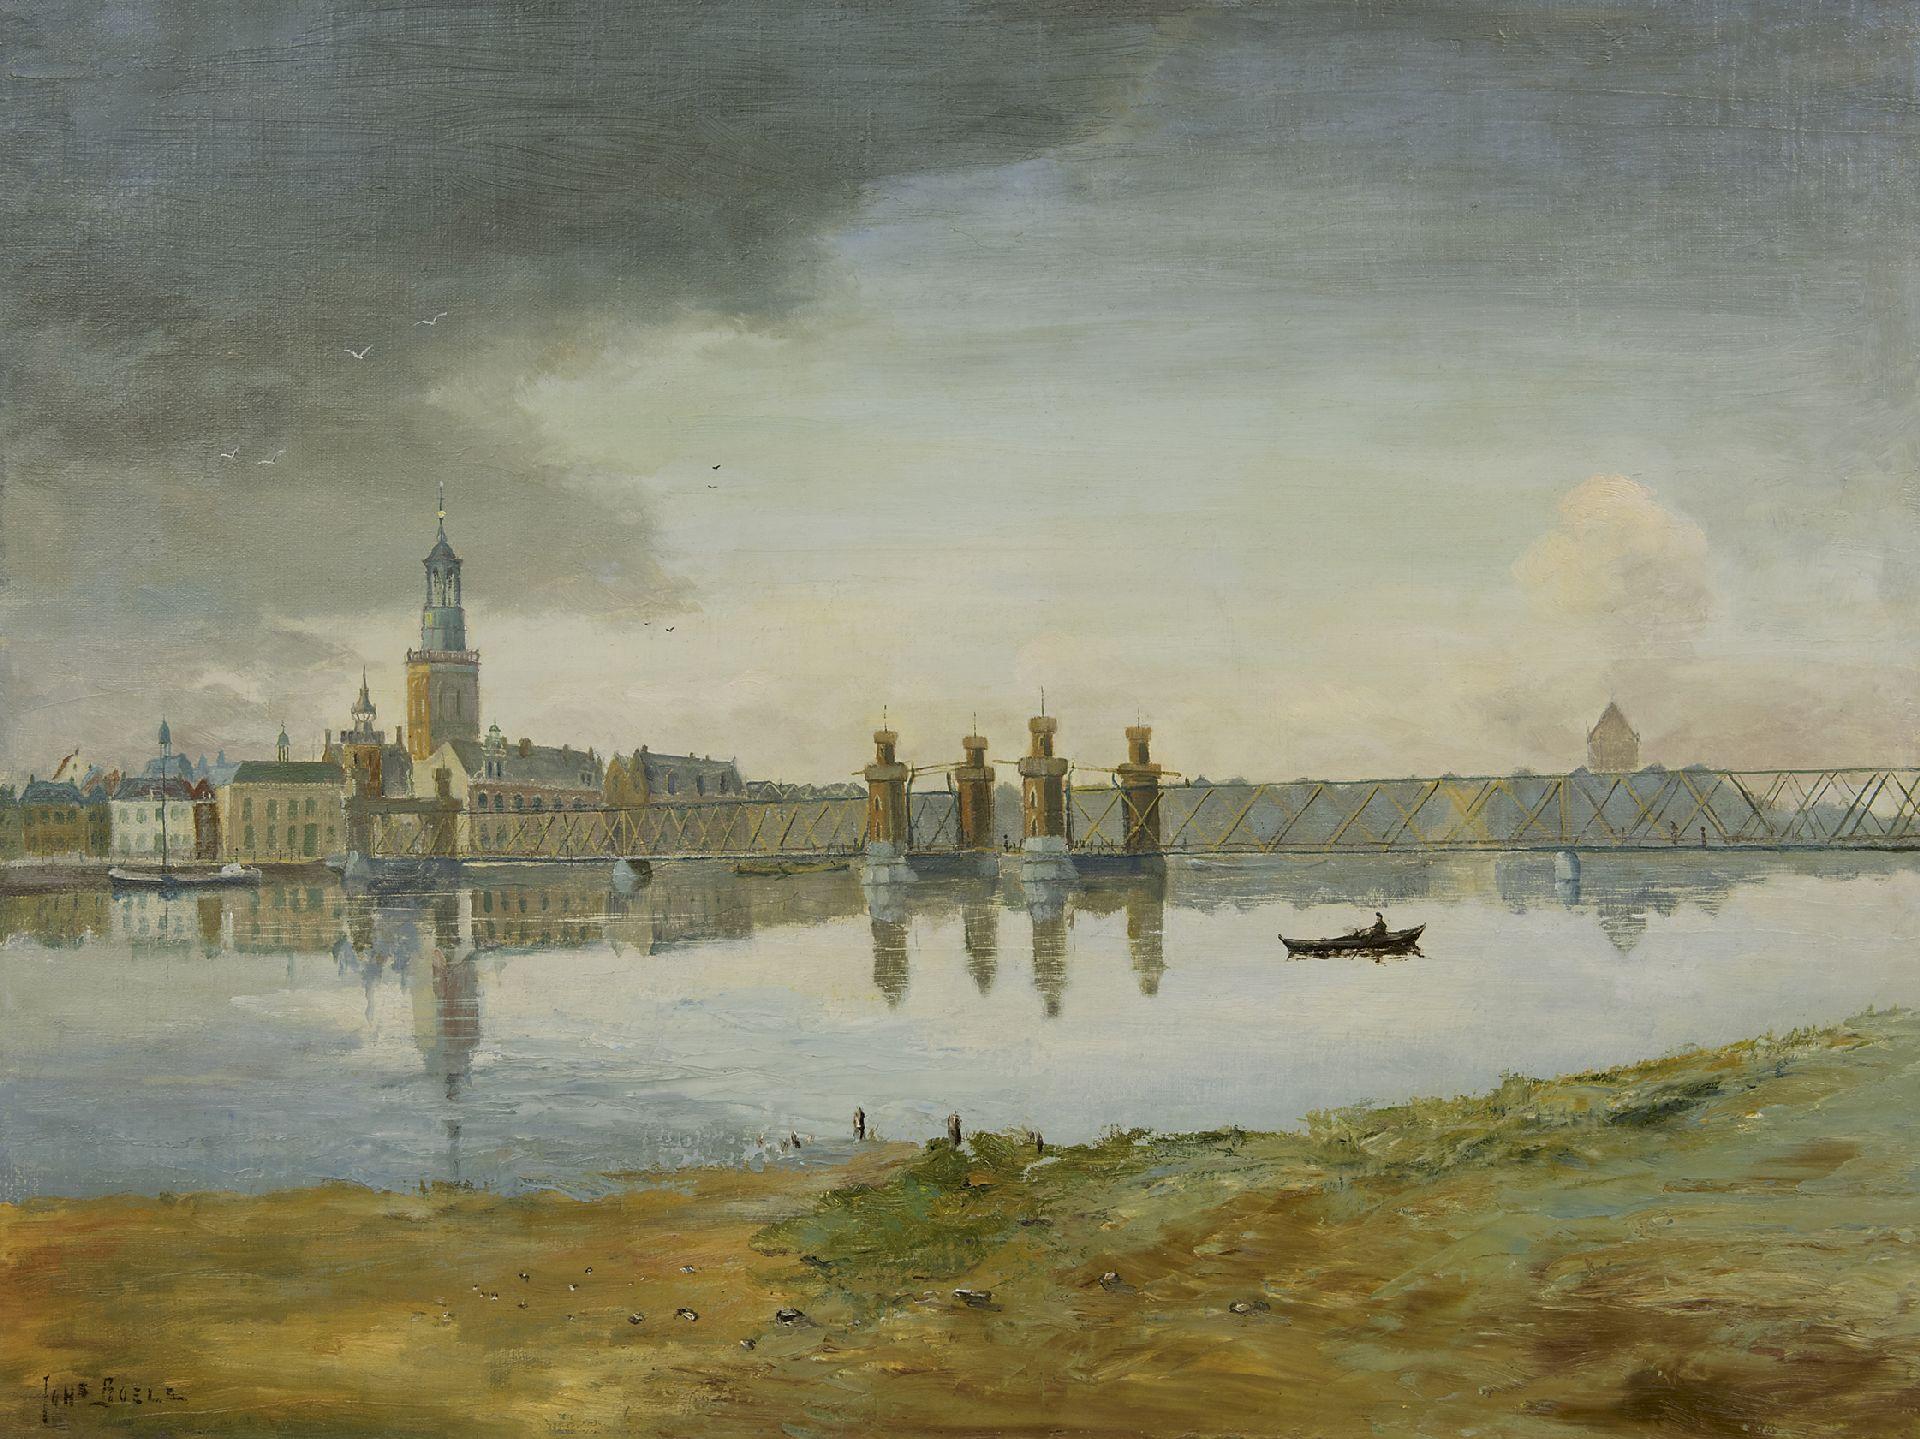 Spiksplinternieuw Boele J. | Johannes Boele | Schilderijen te koop aangeboden | Het KI-67